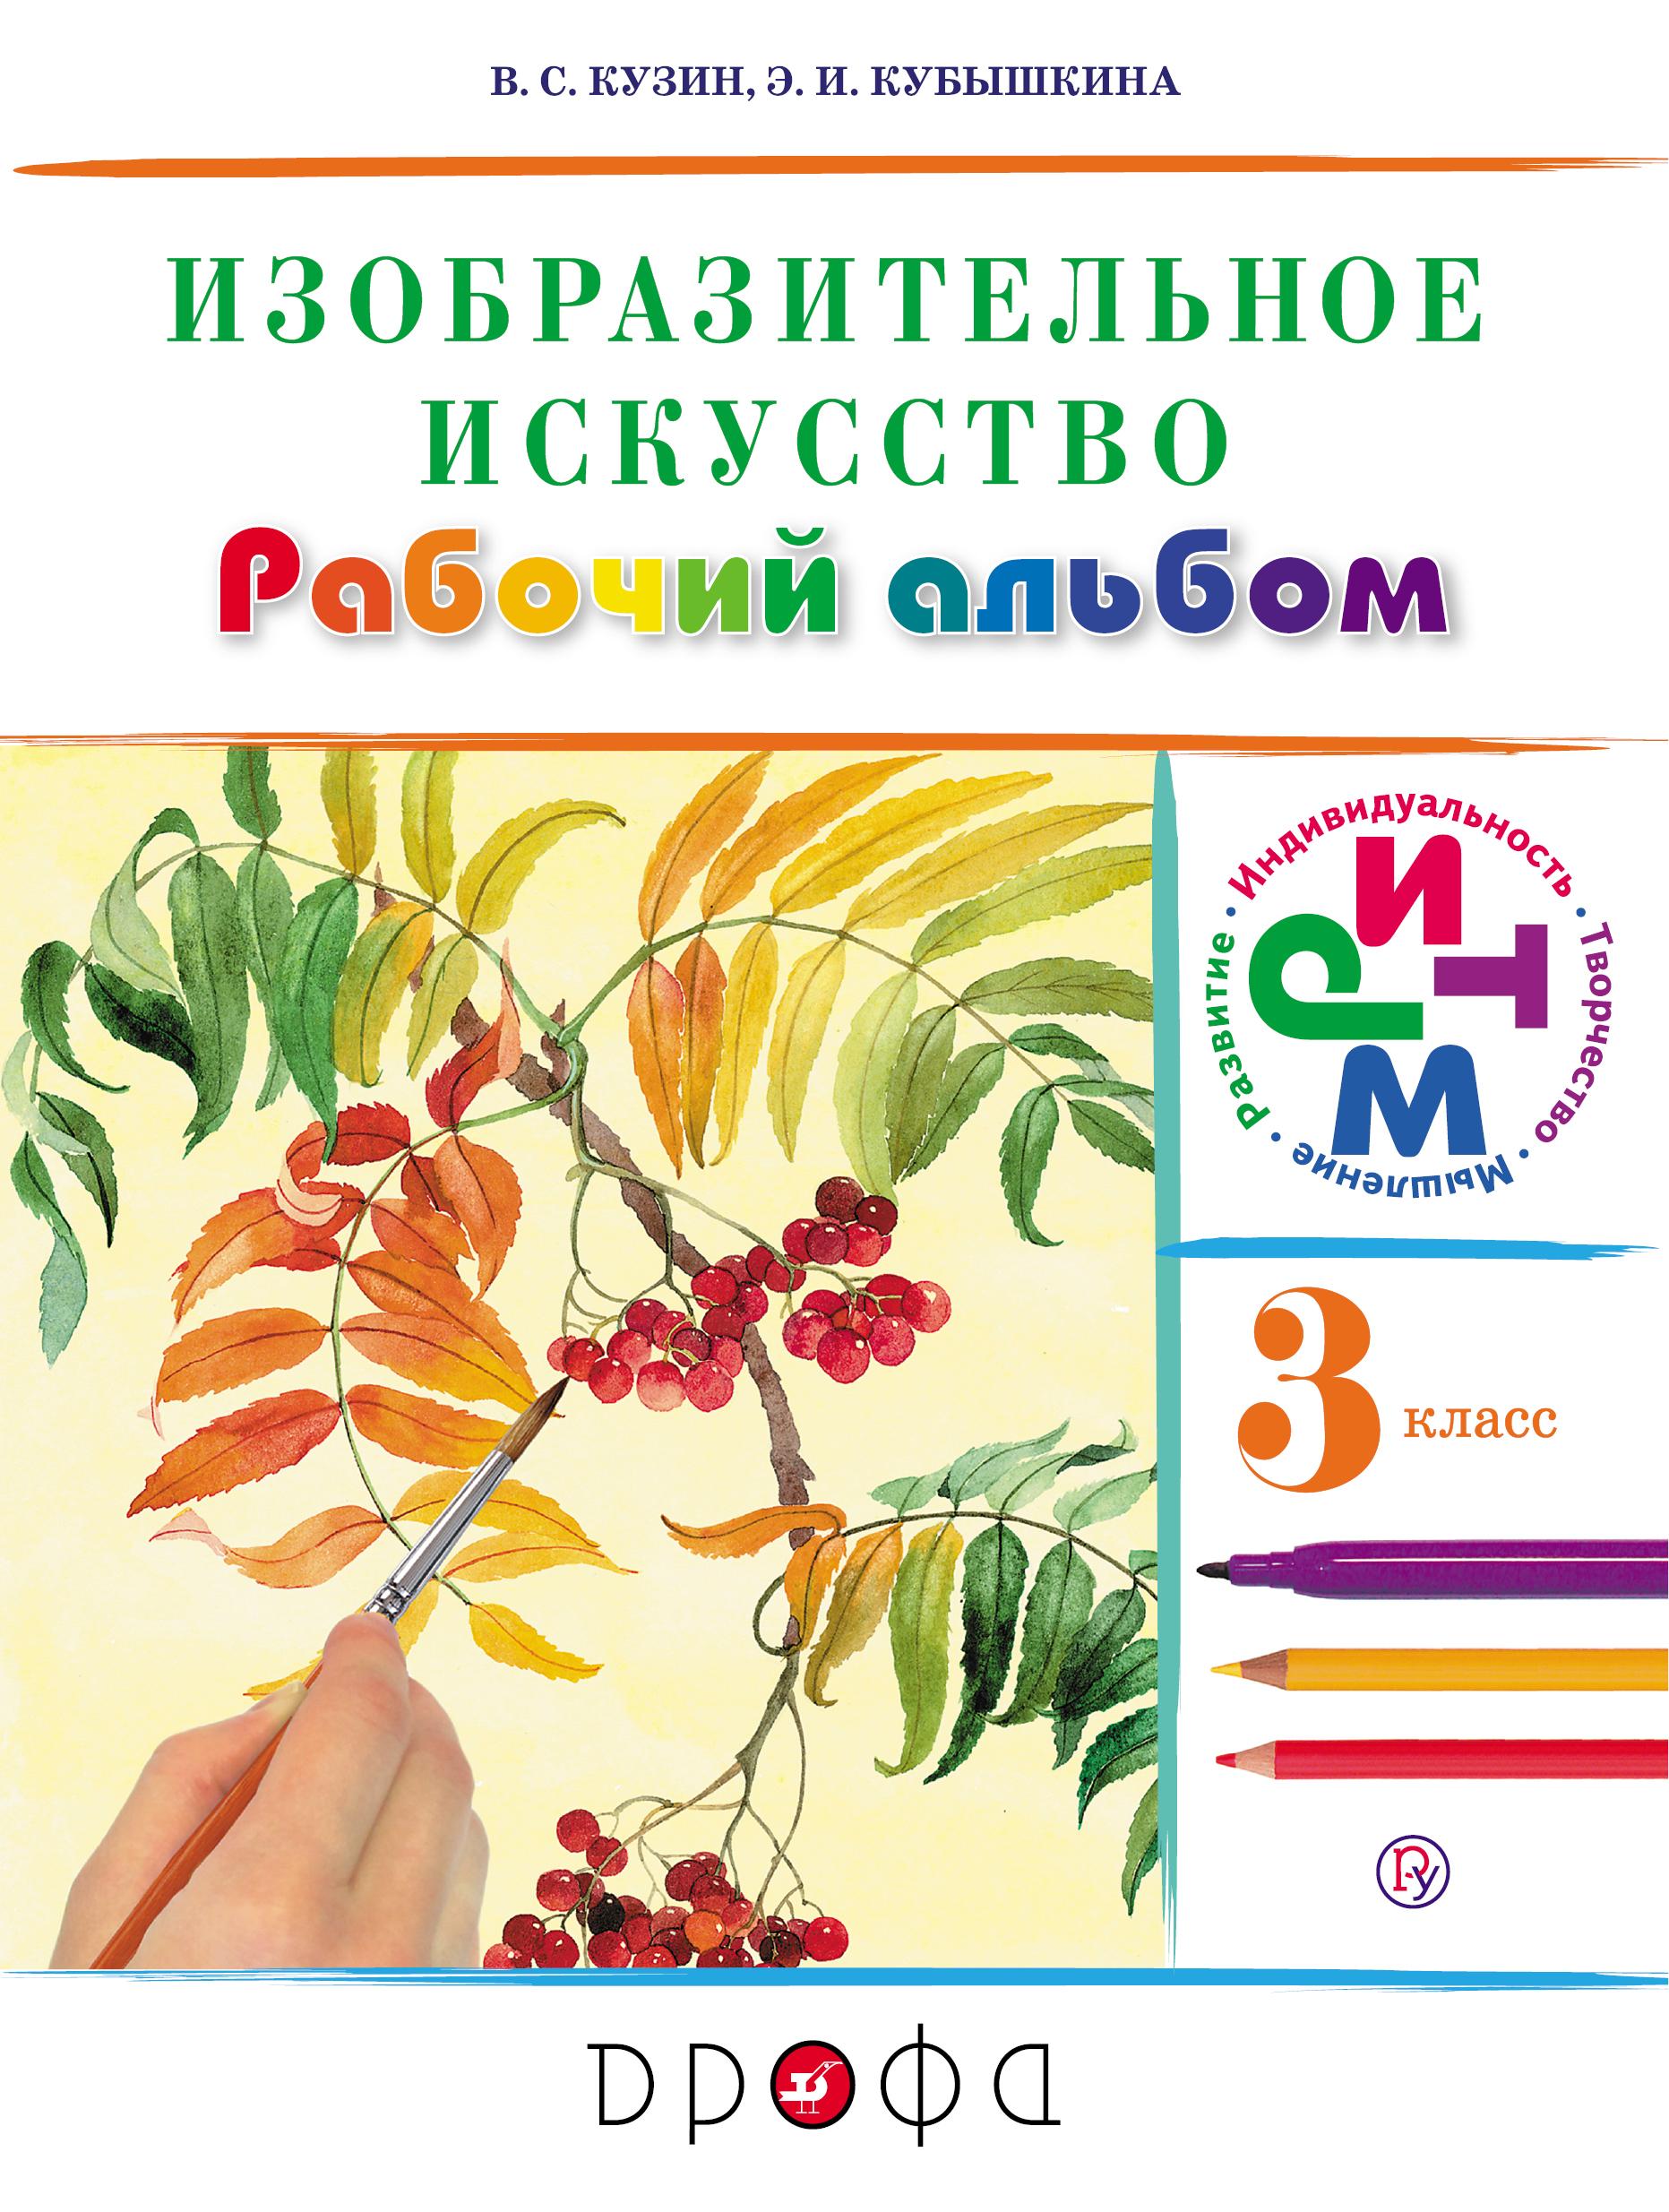 Изобразительное искусство.3 класс. Рабочий альбом ( Кузин В.С., Кубышкина Э.И.  )